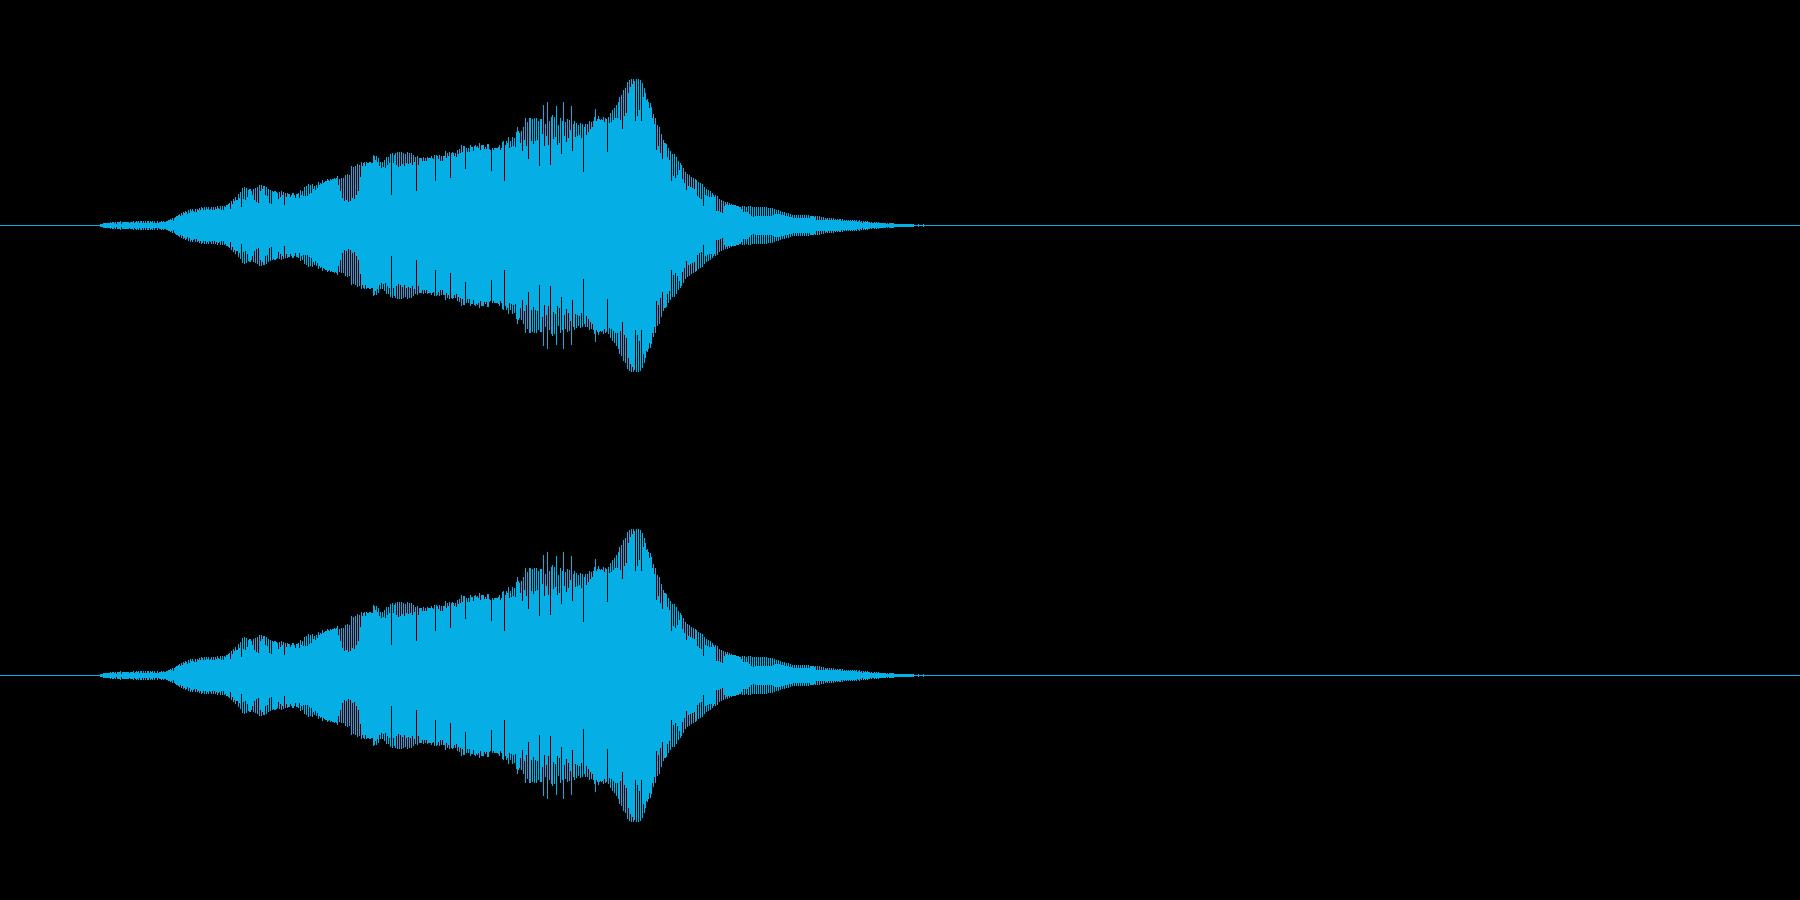 にゃーん(猫の鳴き声)パート06の再生済みの波形